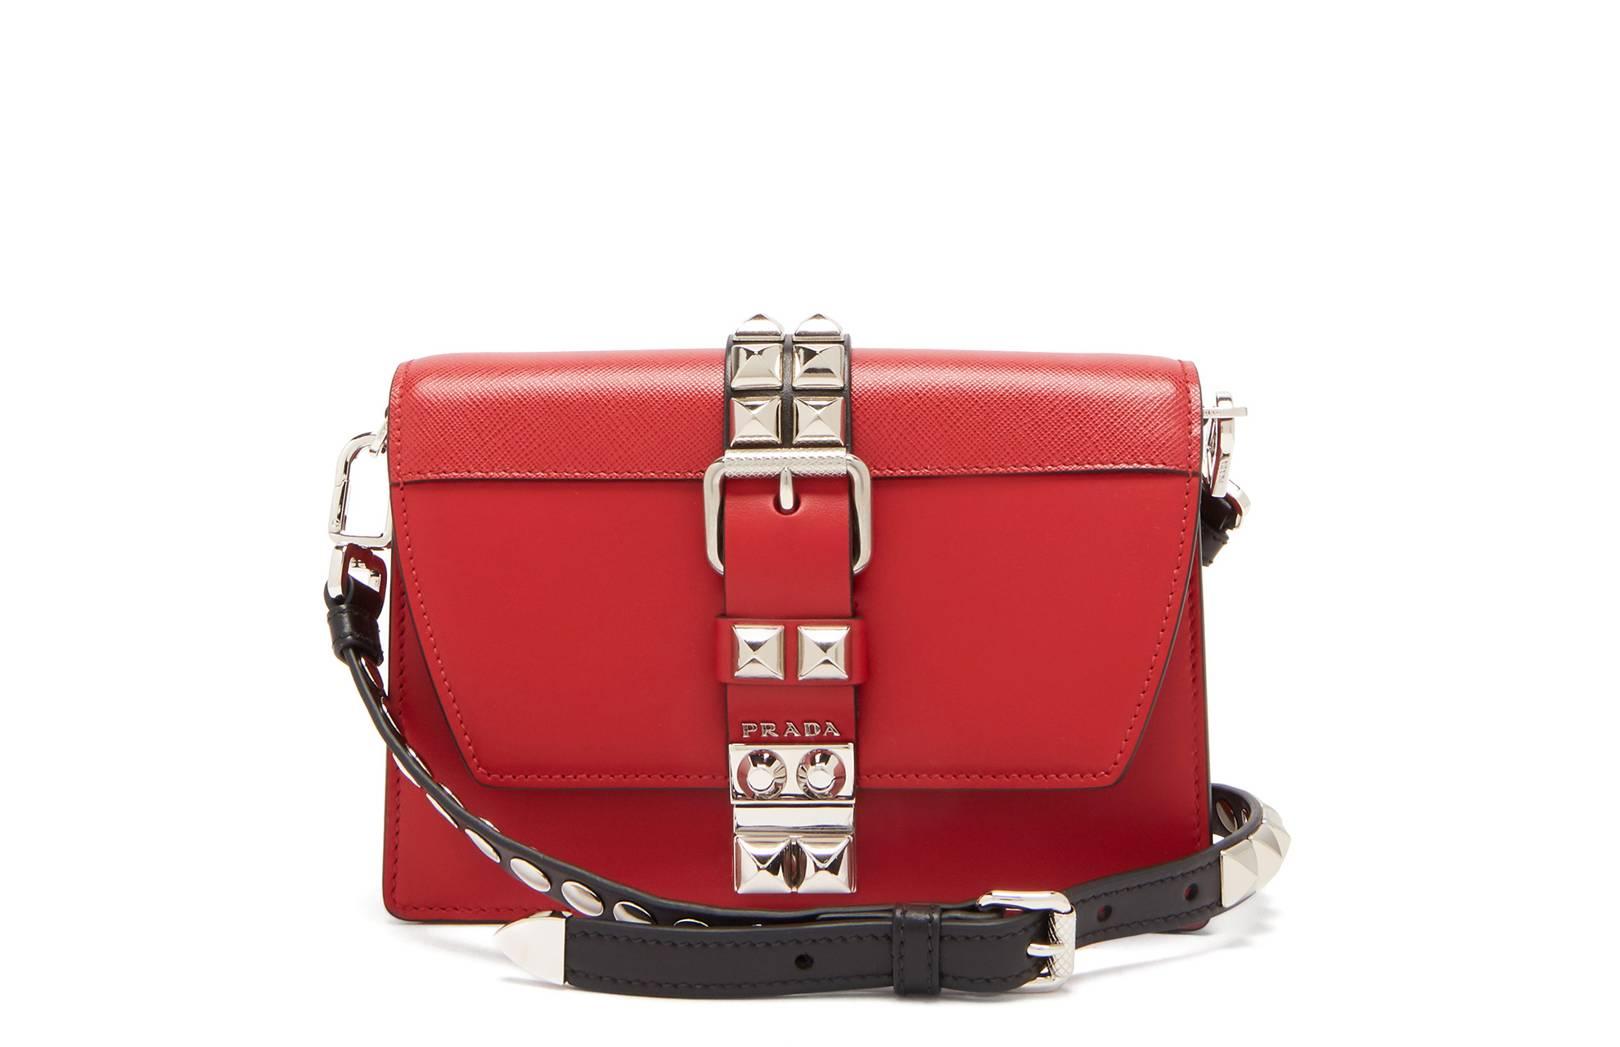 48284eeb1645 The Best Red Handbags To Wear Now   British Vogue